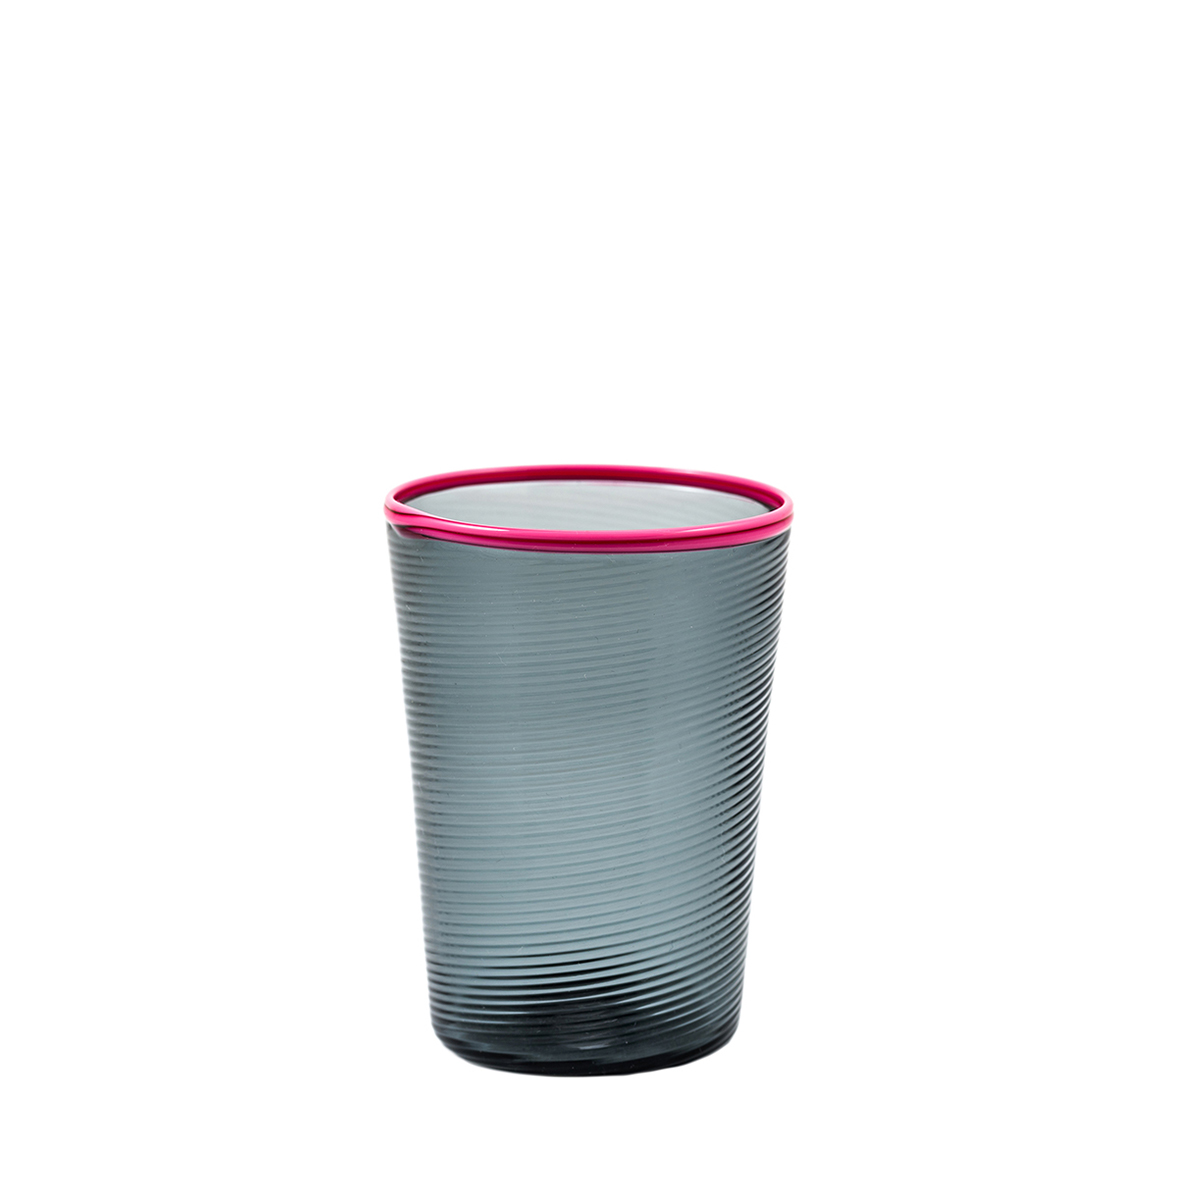 roi_glass_shot_sake_riga_mena_murano_design_giberto_venice